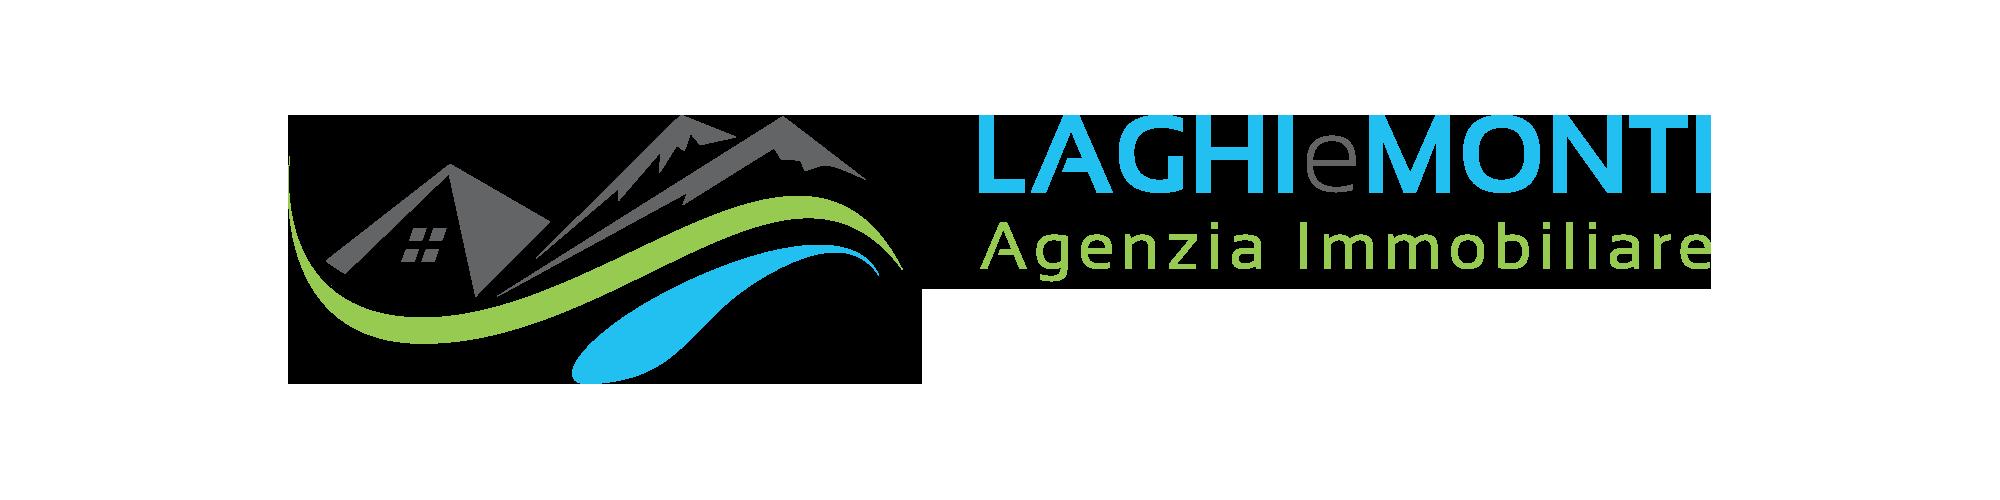 LAGHI e MONTI Agenzia Immobiliare